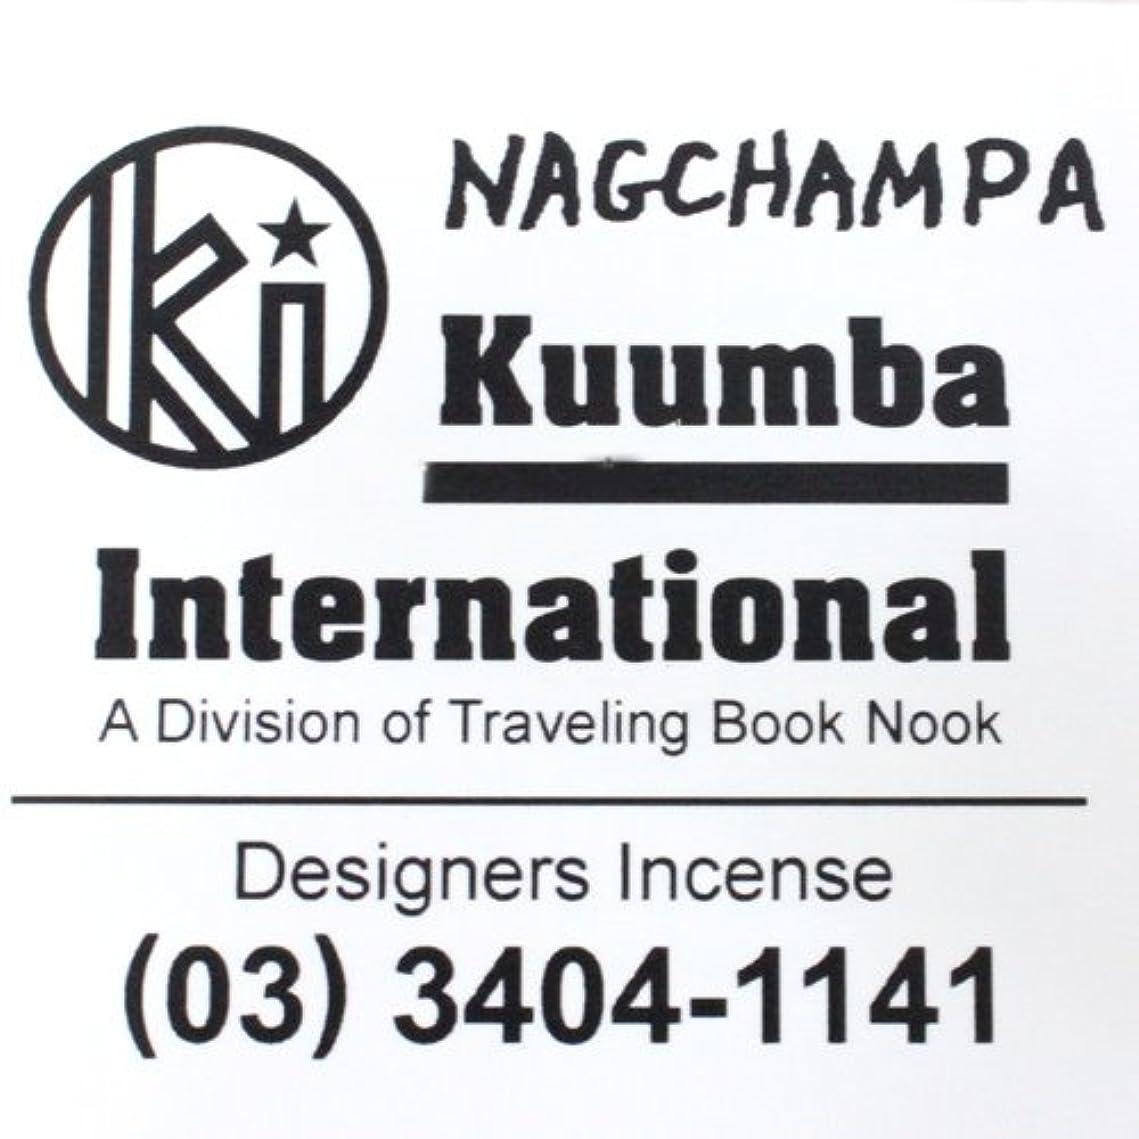 クレーター参照するブラウンKUUMBA (クンバ)『incense』(NAGCHAMPA) (Regular size)